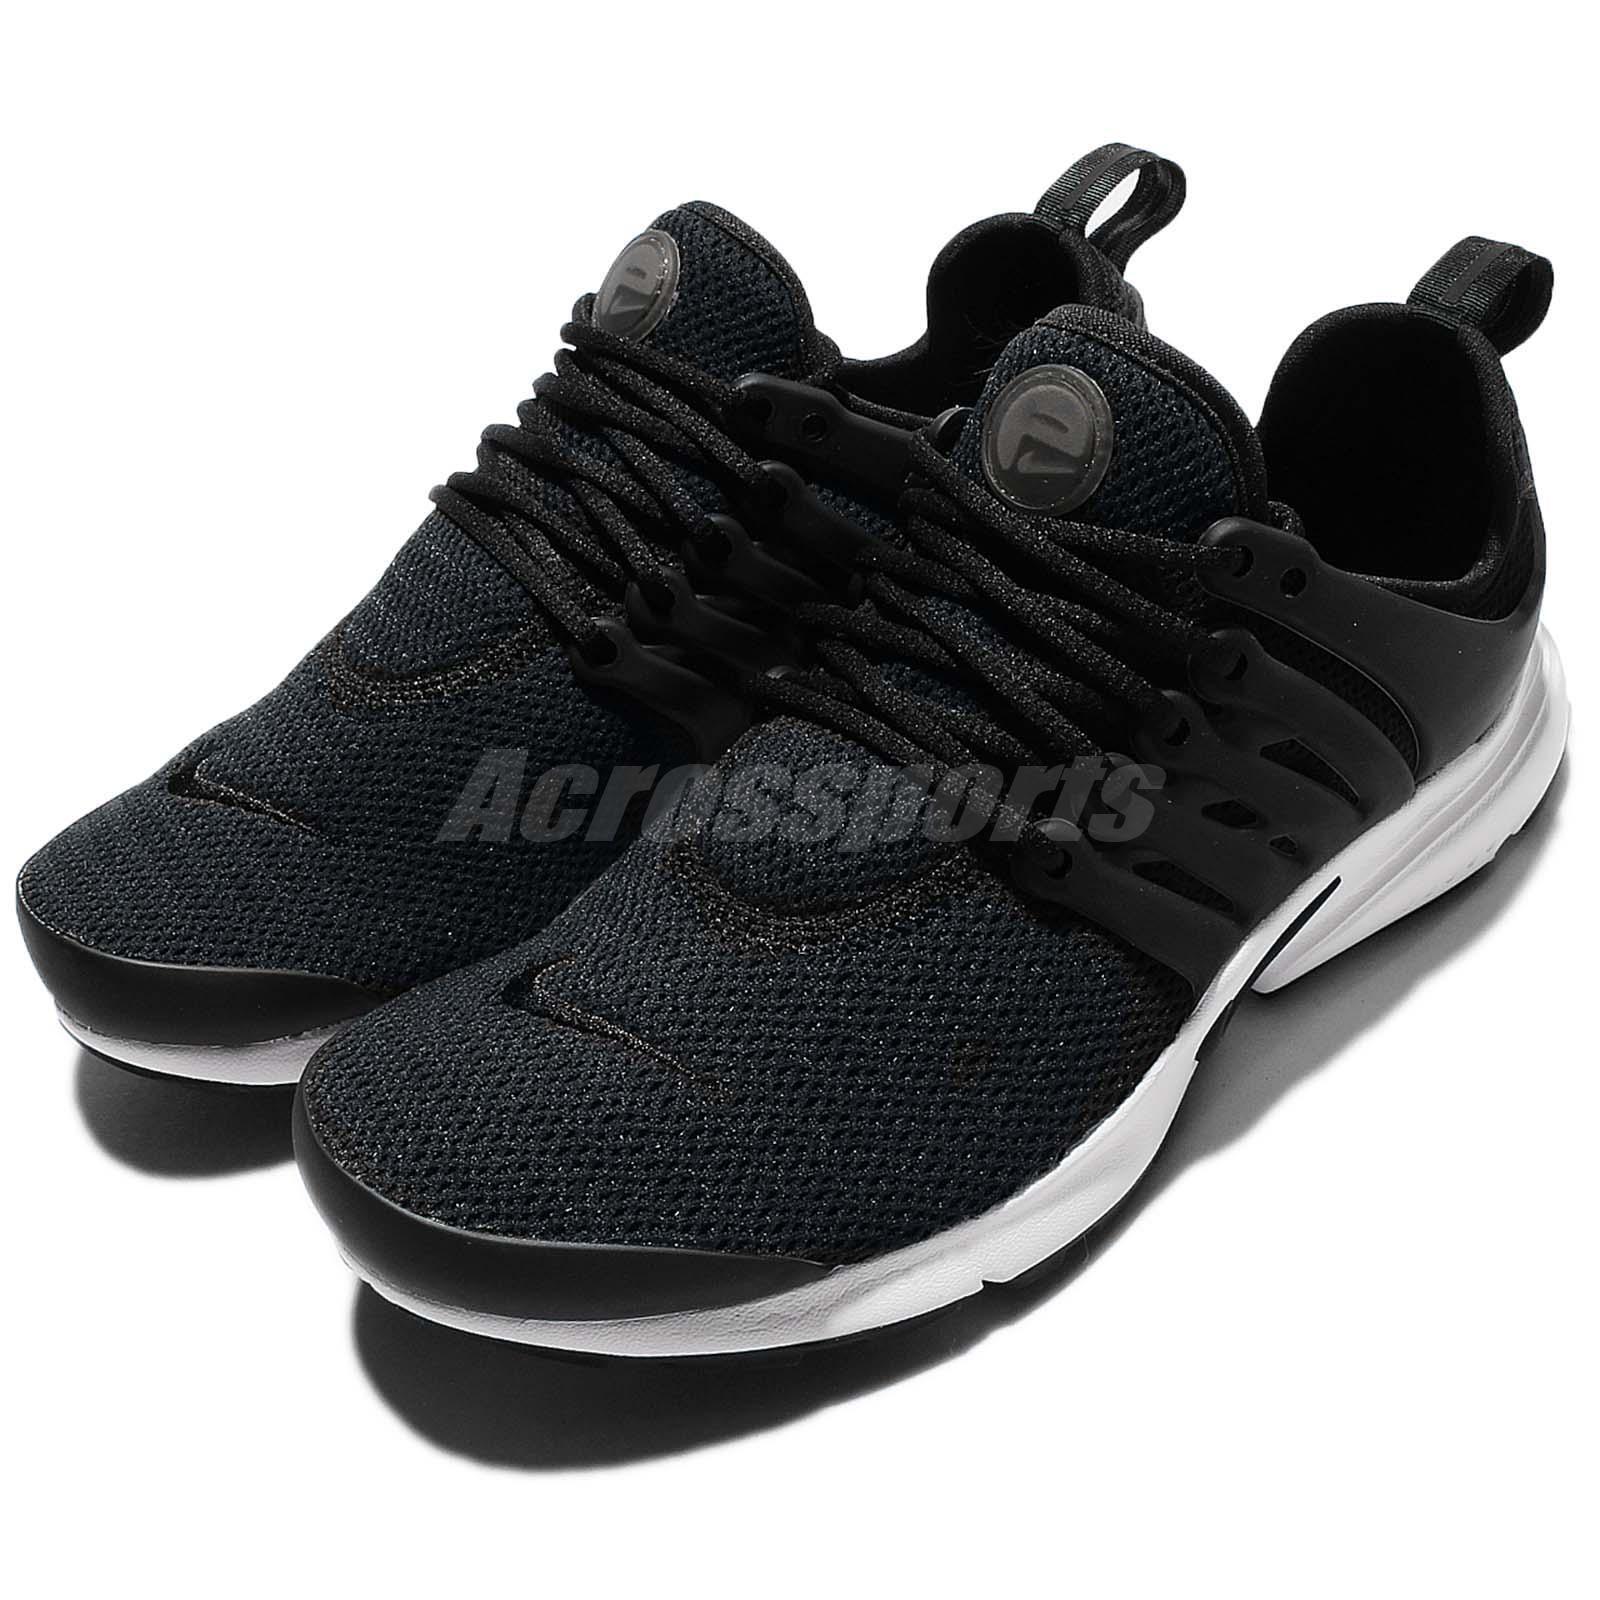 Wmns Air Presto noir Baskets blanc Femme fonctionnement chaussures Baskets noir NSW 878068-001 79d648